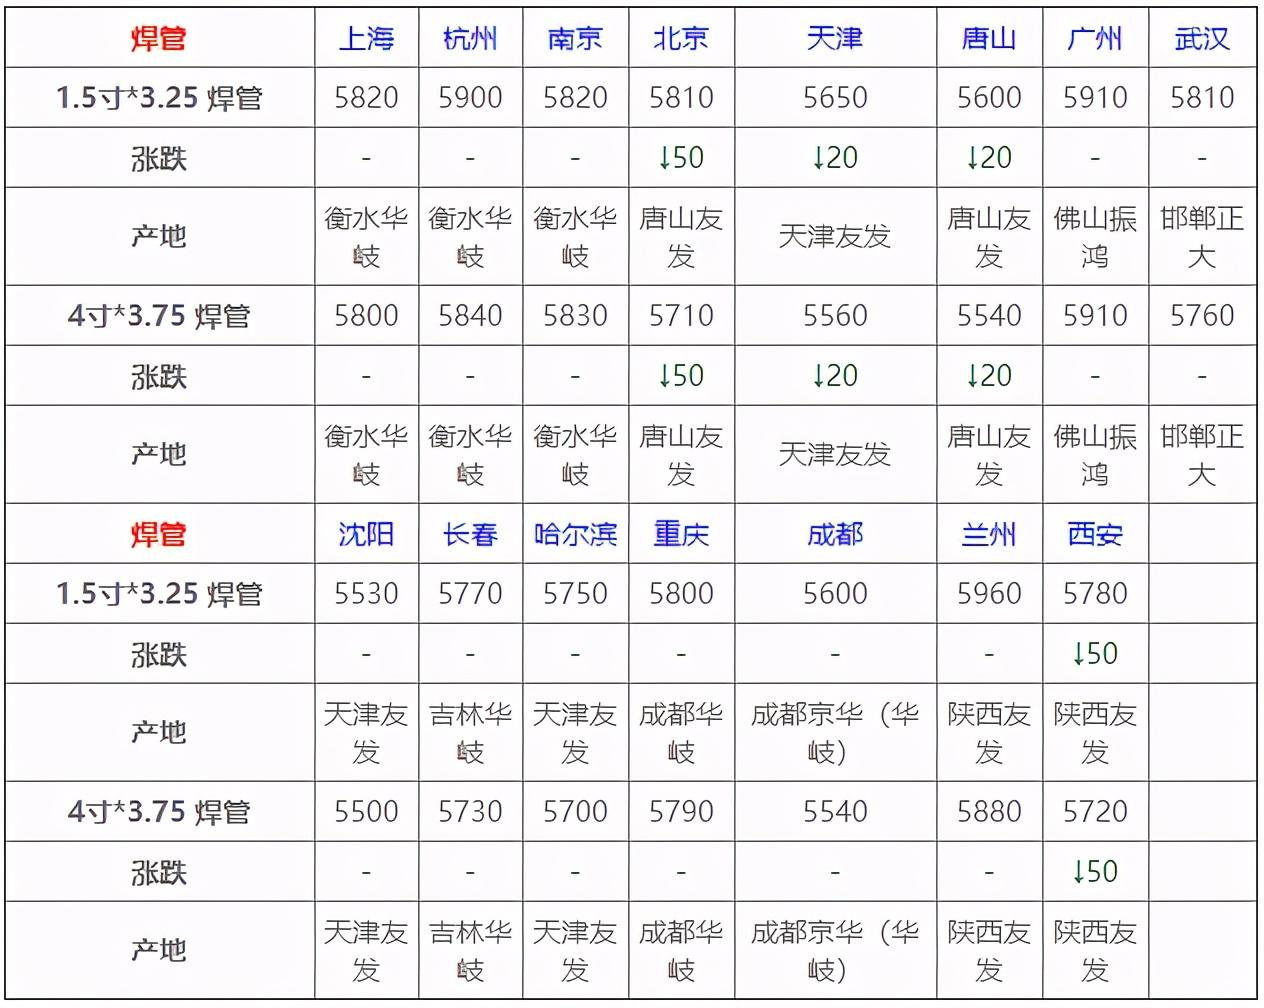 钢之家各地市场钢材报价(官方公布各品种钢材最新行情)